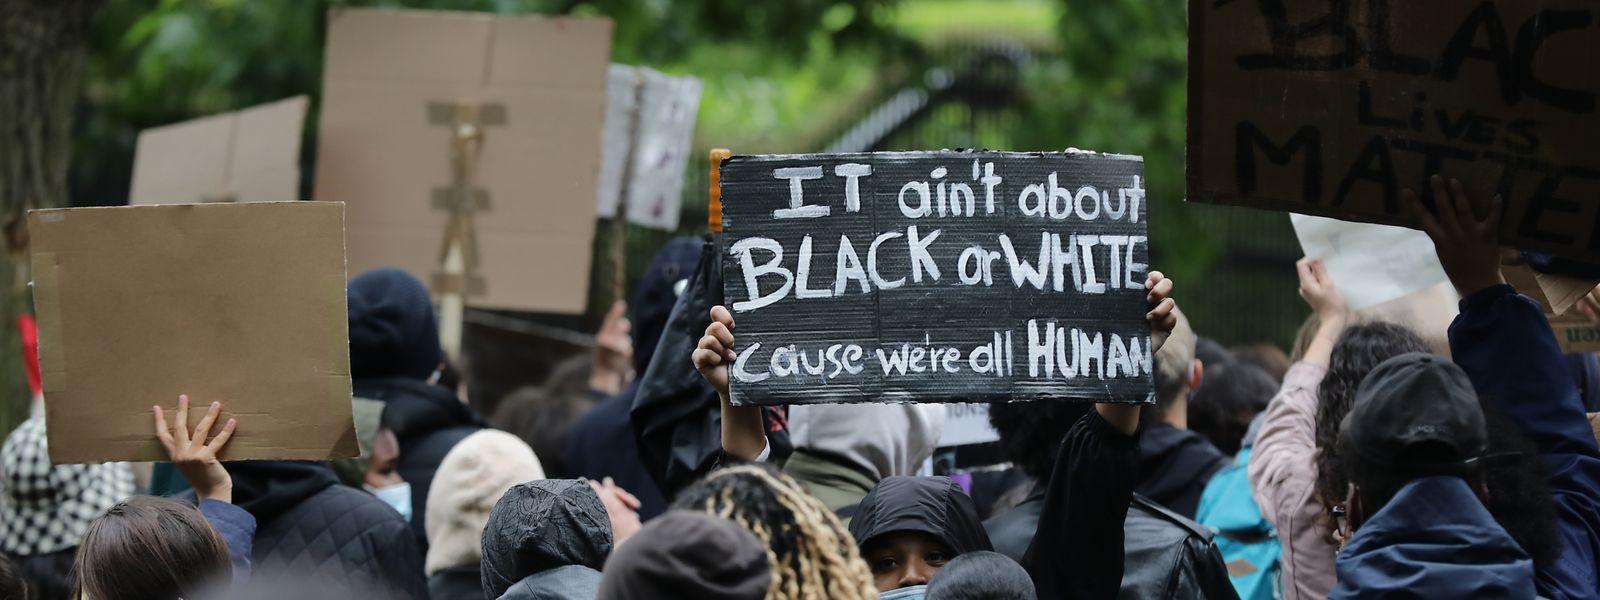 Rund 1.500 Menschen nahmen am 5. Juni an einer Demonstration gegen Rassismus vor der US-Botschaft in Luxemburg teil.